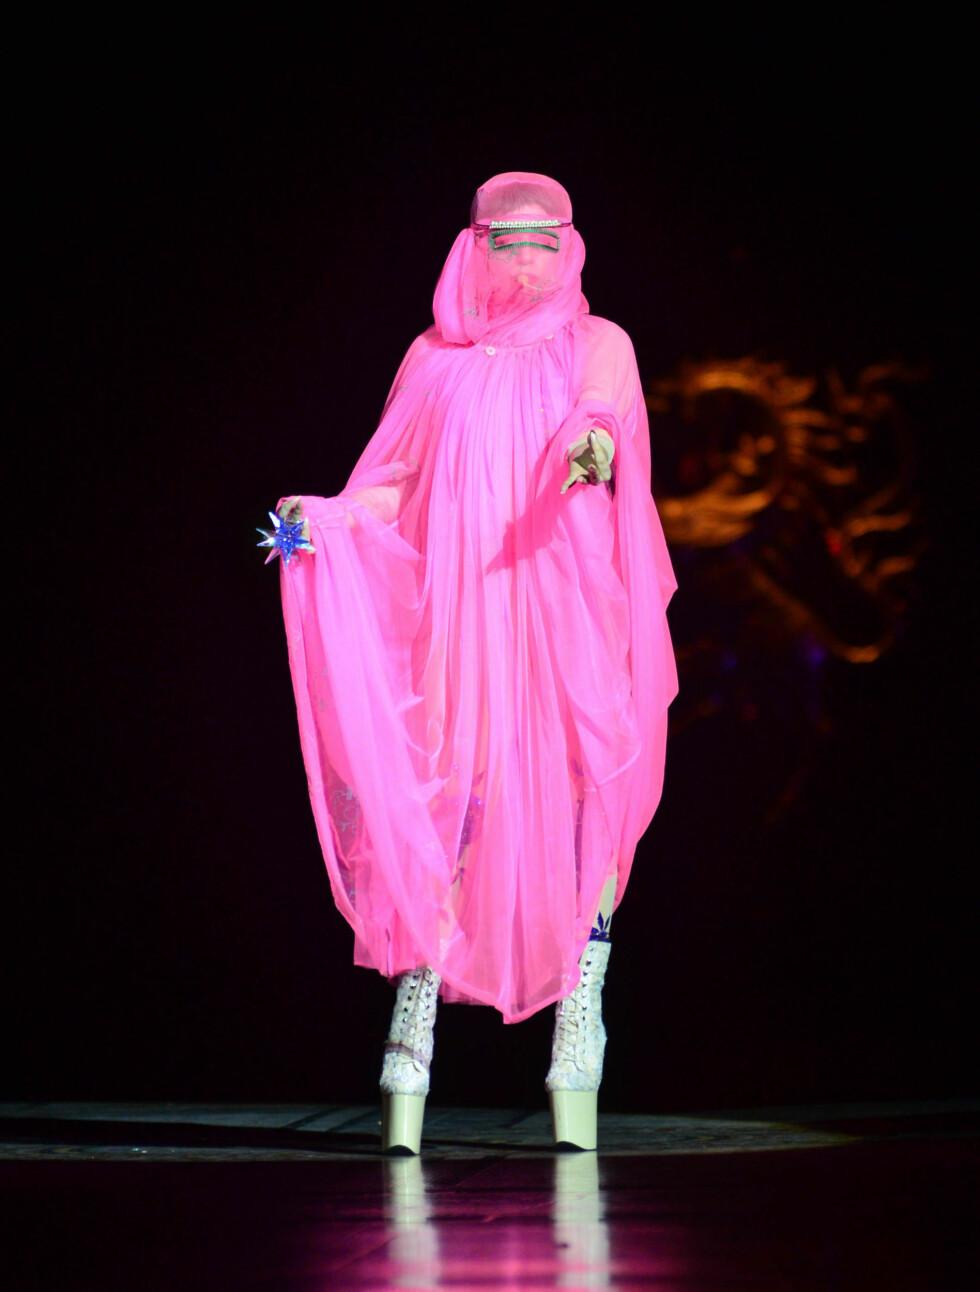 PÅ SCENEN: Iført nok et spesielt antrekk underholdt Lady Gaga også på catwalken under Philip Treacy-visningen søndag. Foto: All Over Press